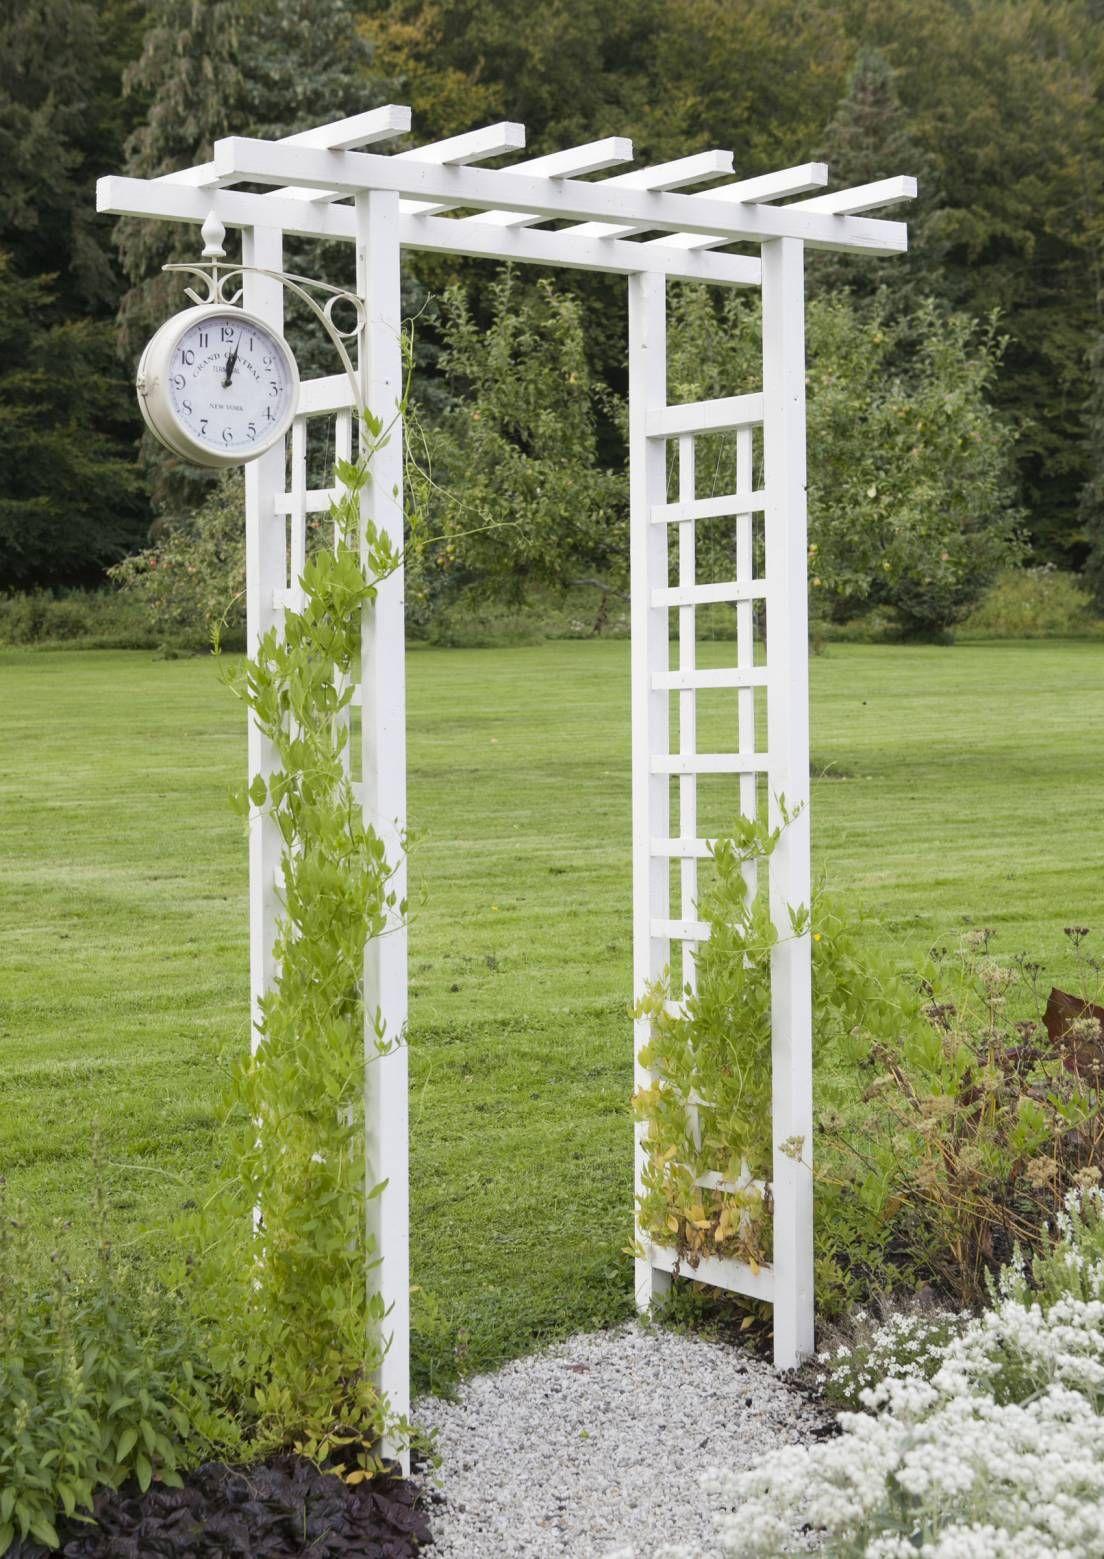 Puutarhaportti Kutsuu Kylaan Poimi 11 Ihanaa Ideaa Garden